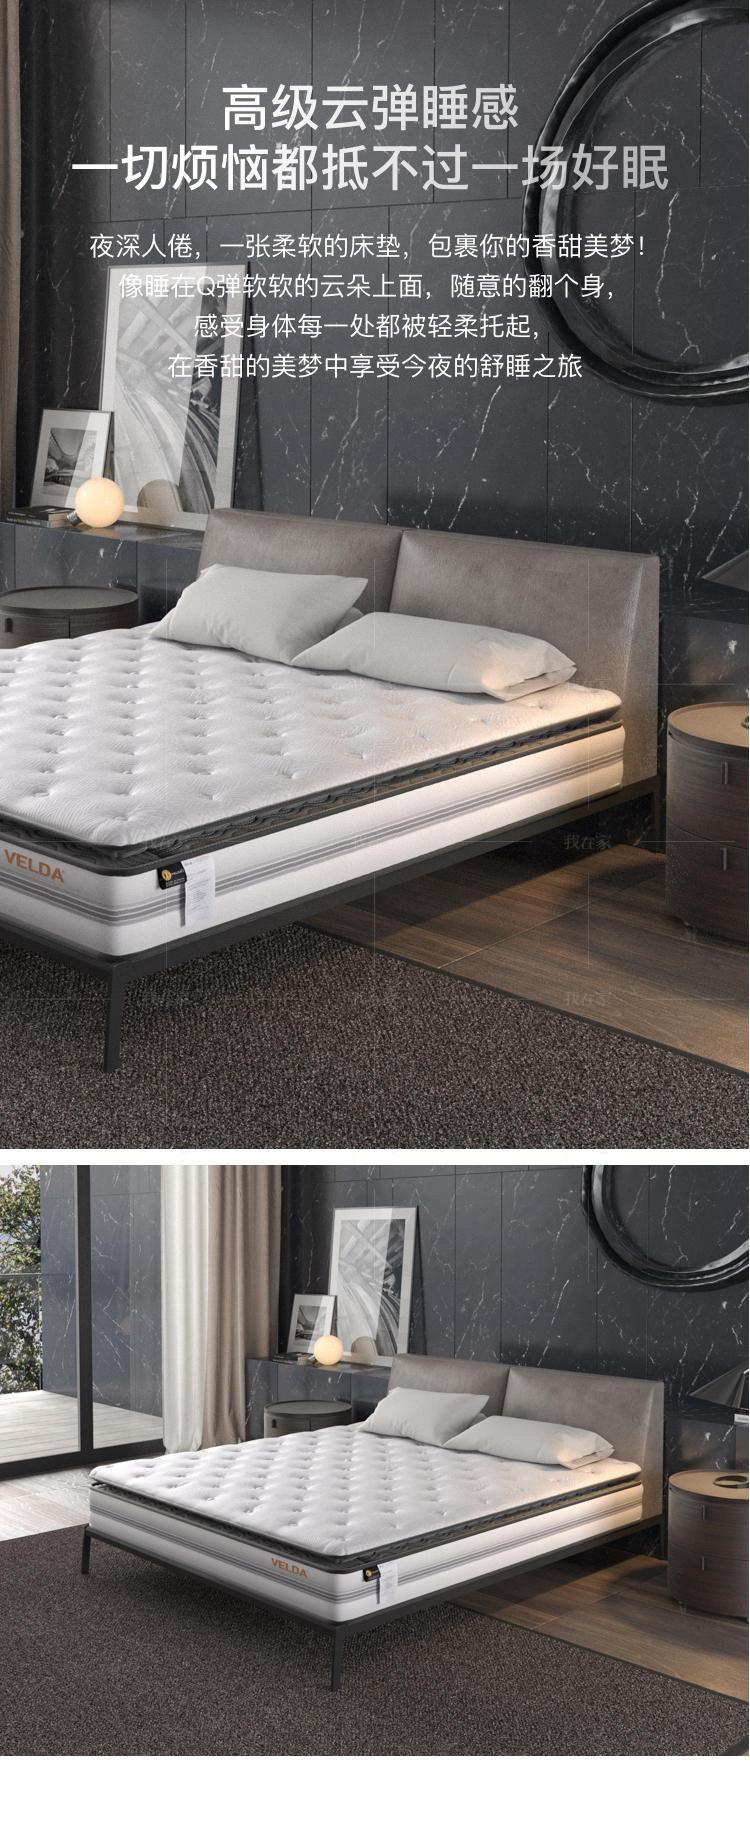 VELDA系列布拉邦乳胶床垫的详细介绍